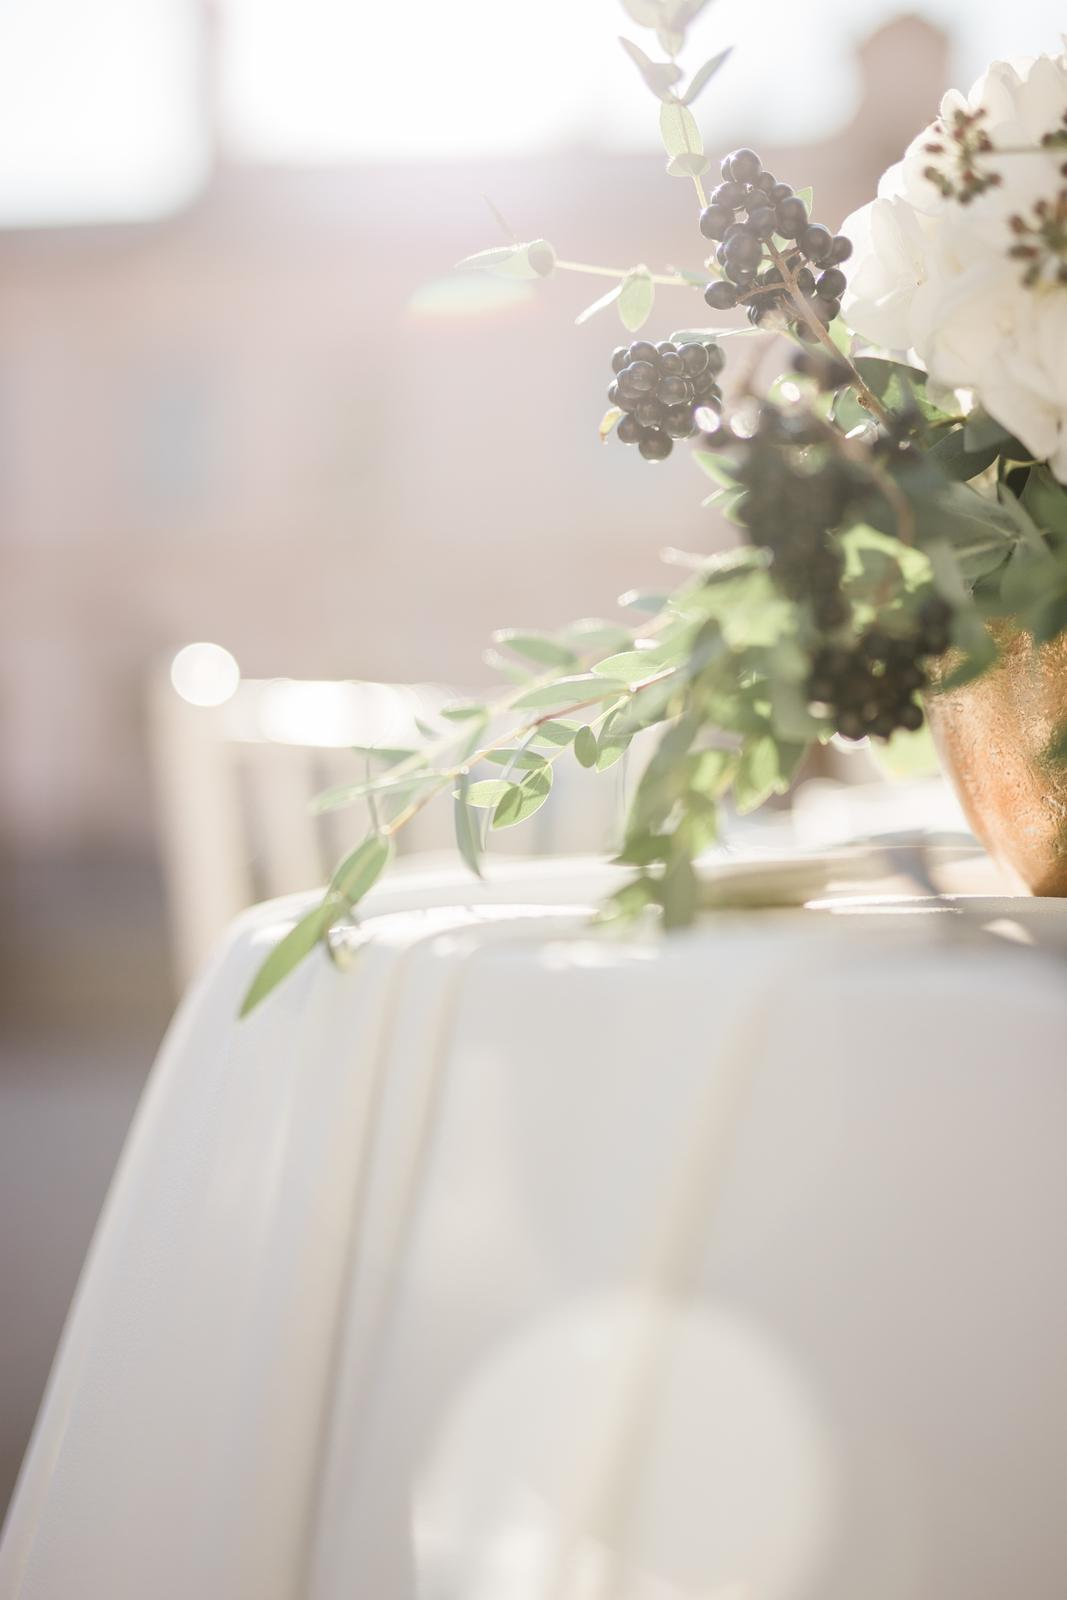 Prekrásna sivo-bledomodrá výzdoba v kombinácii s greenery doplnená zlatou v centre Košíc. - Obrázok č. 20